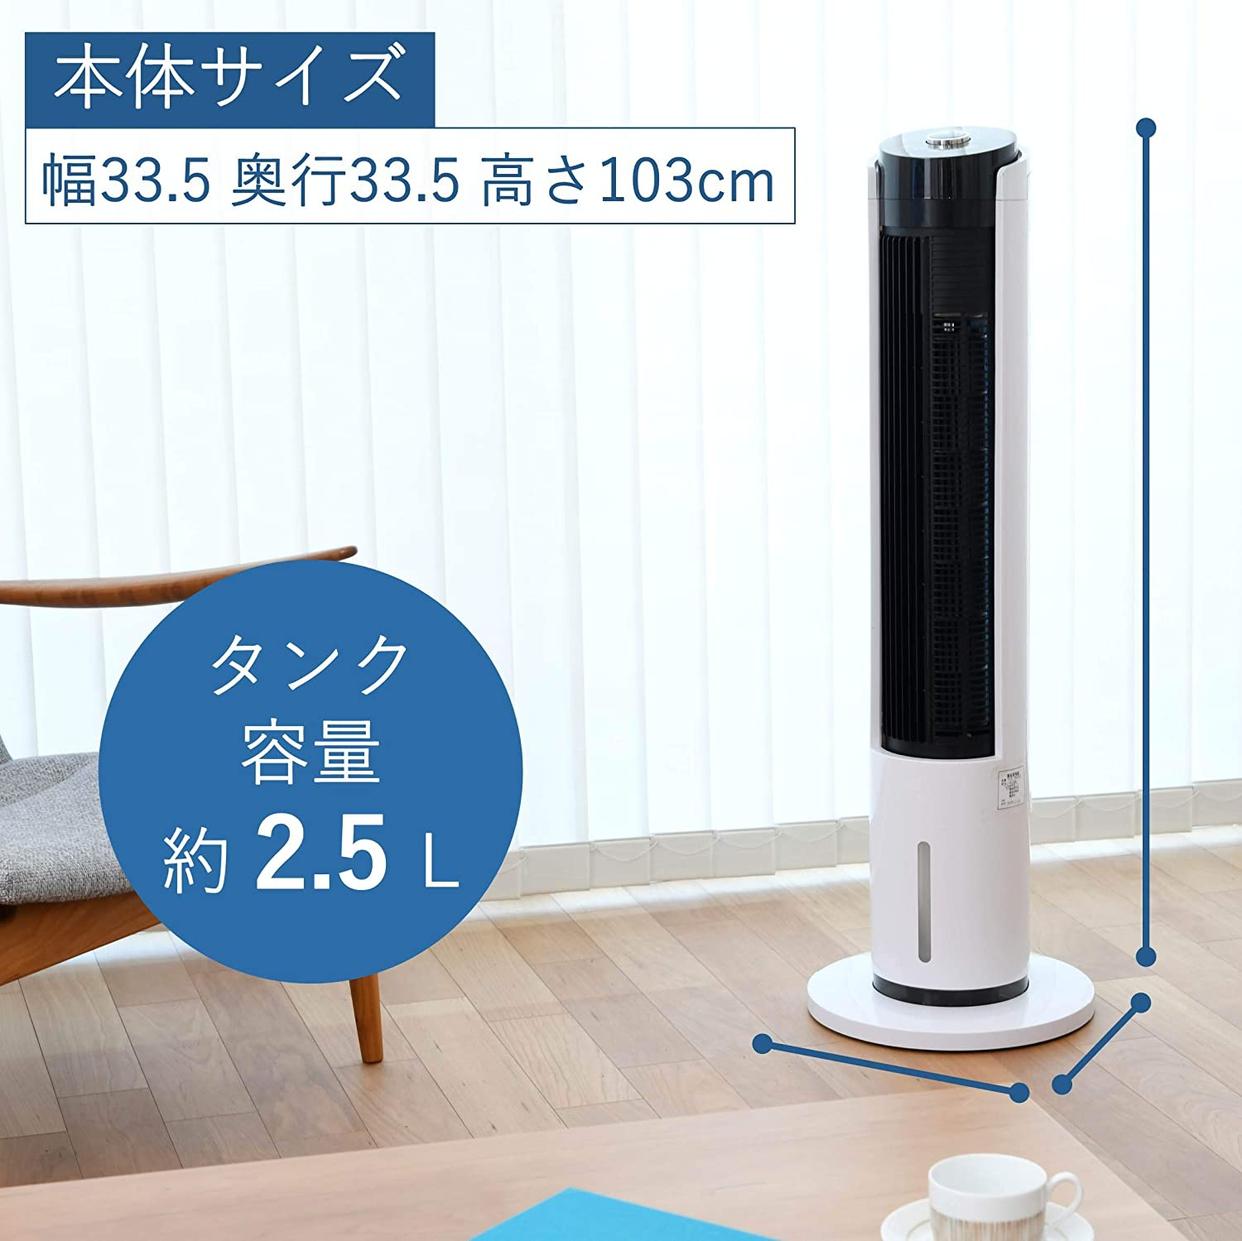 山善(YAMAZEN) 冷風扇 FCR-BWG40の商品画像7